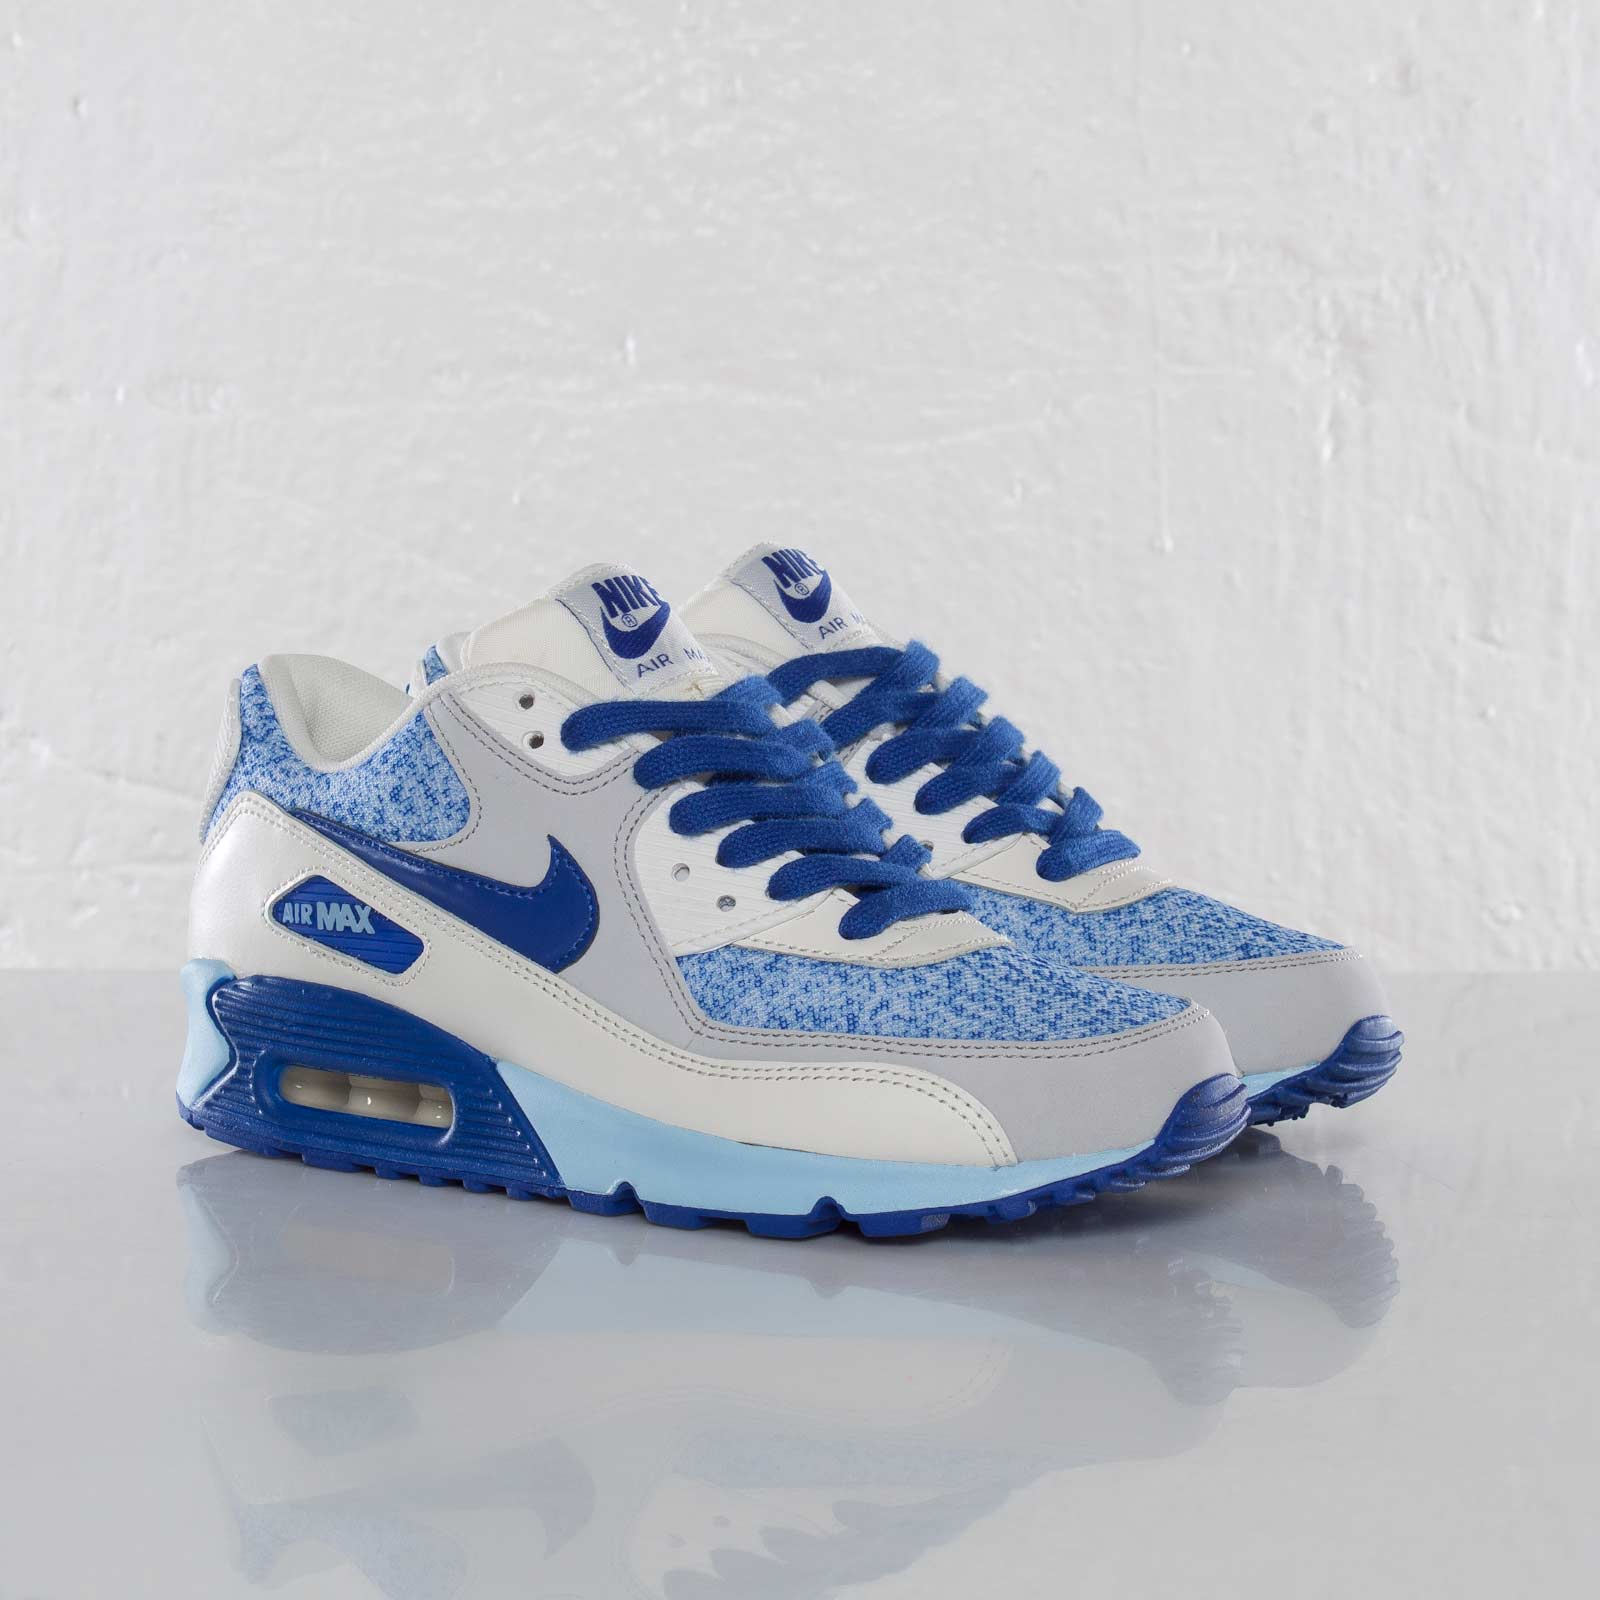 promo code 5f686 ba7ac Nike Wmns Air Max 90